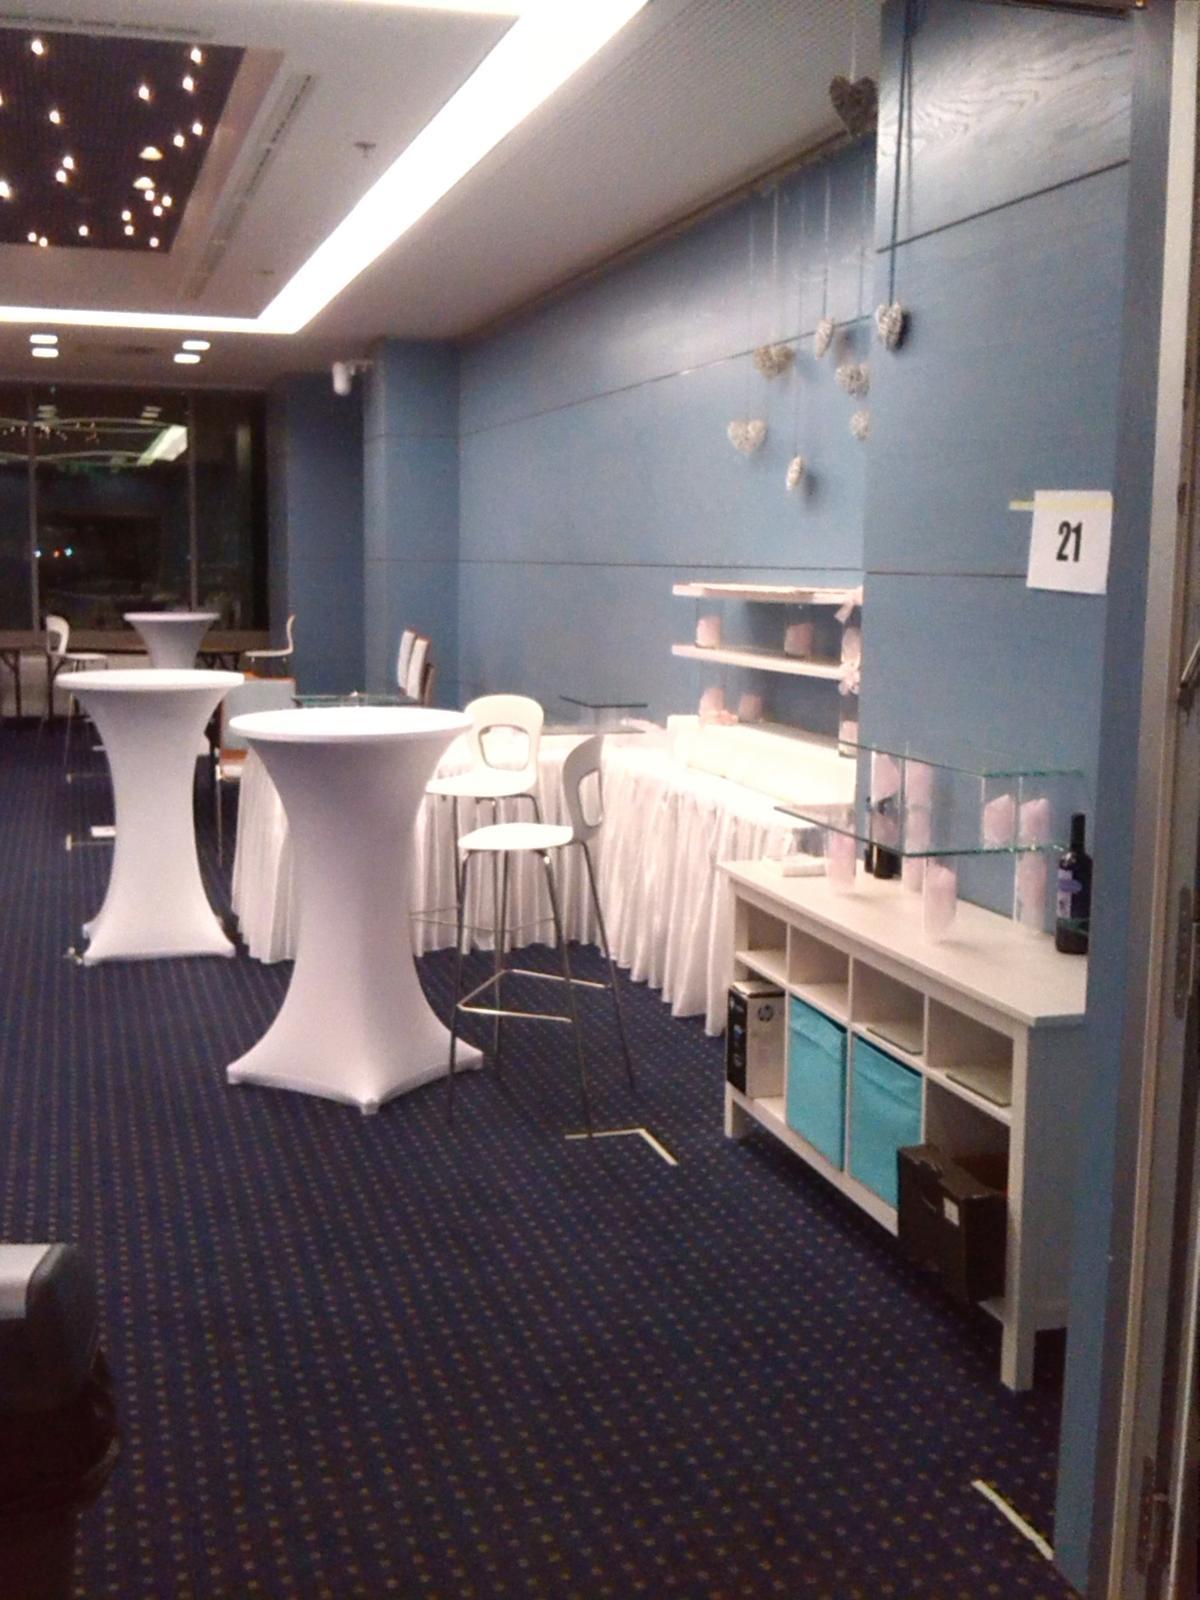 Přípravy - Svatební veletrh Clarion 15.-16. 1. 2016 - Obrázek č. 1